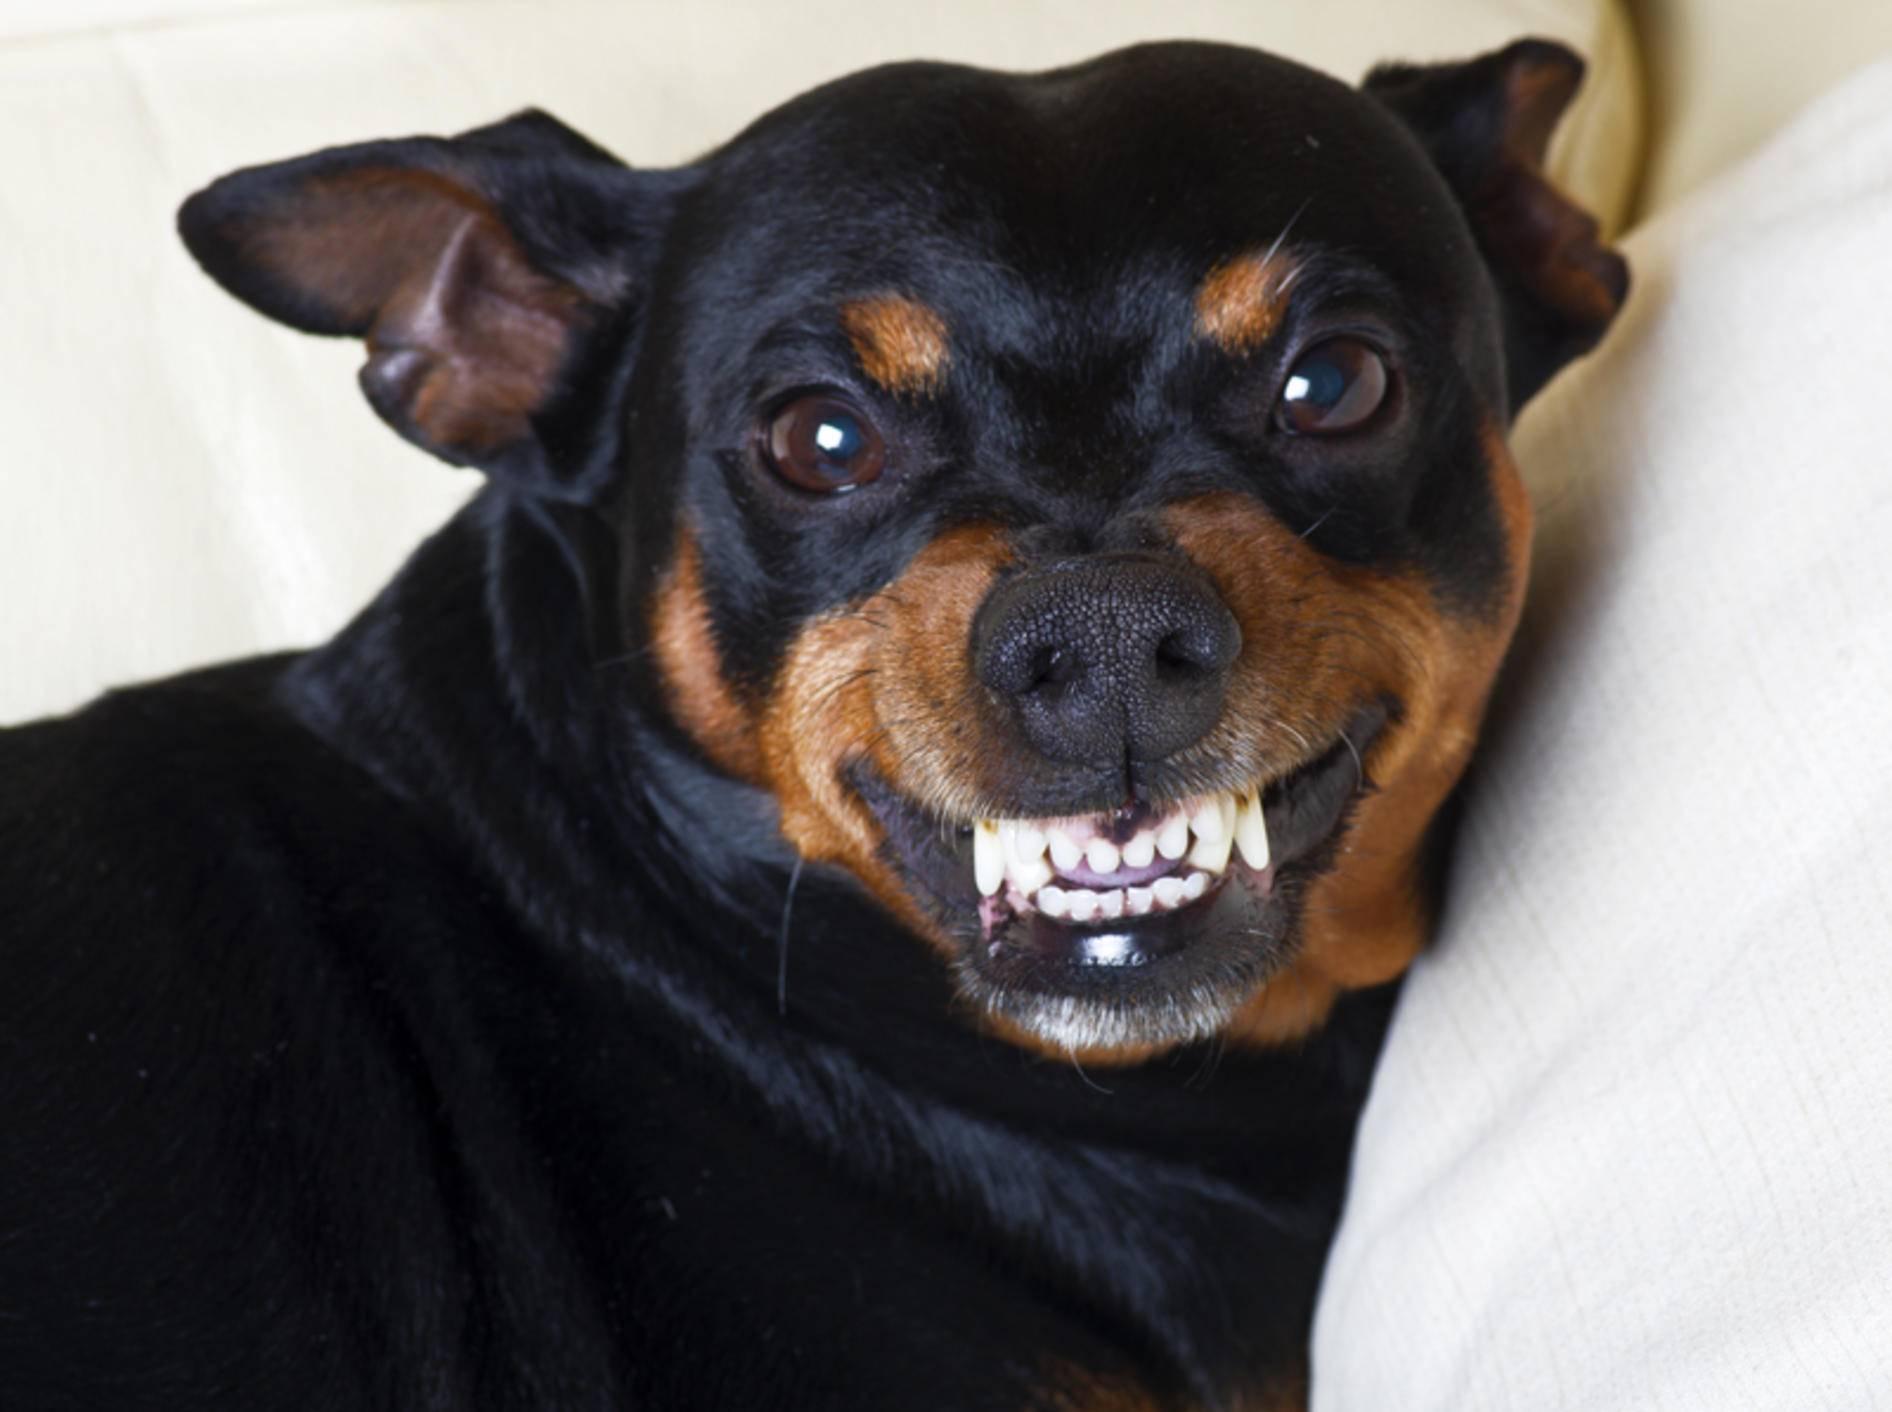 Wenn Ihr Hund auf einen Menschen so reagiert, stimmt oft etwas nicht – Shutterstock / O.Bellini